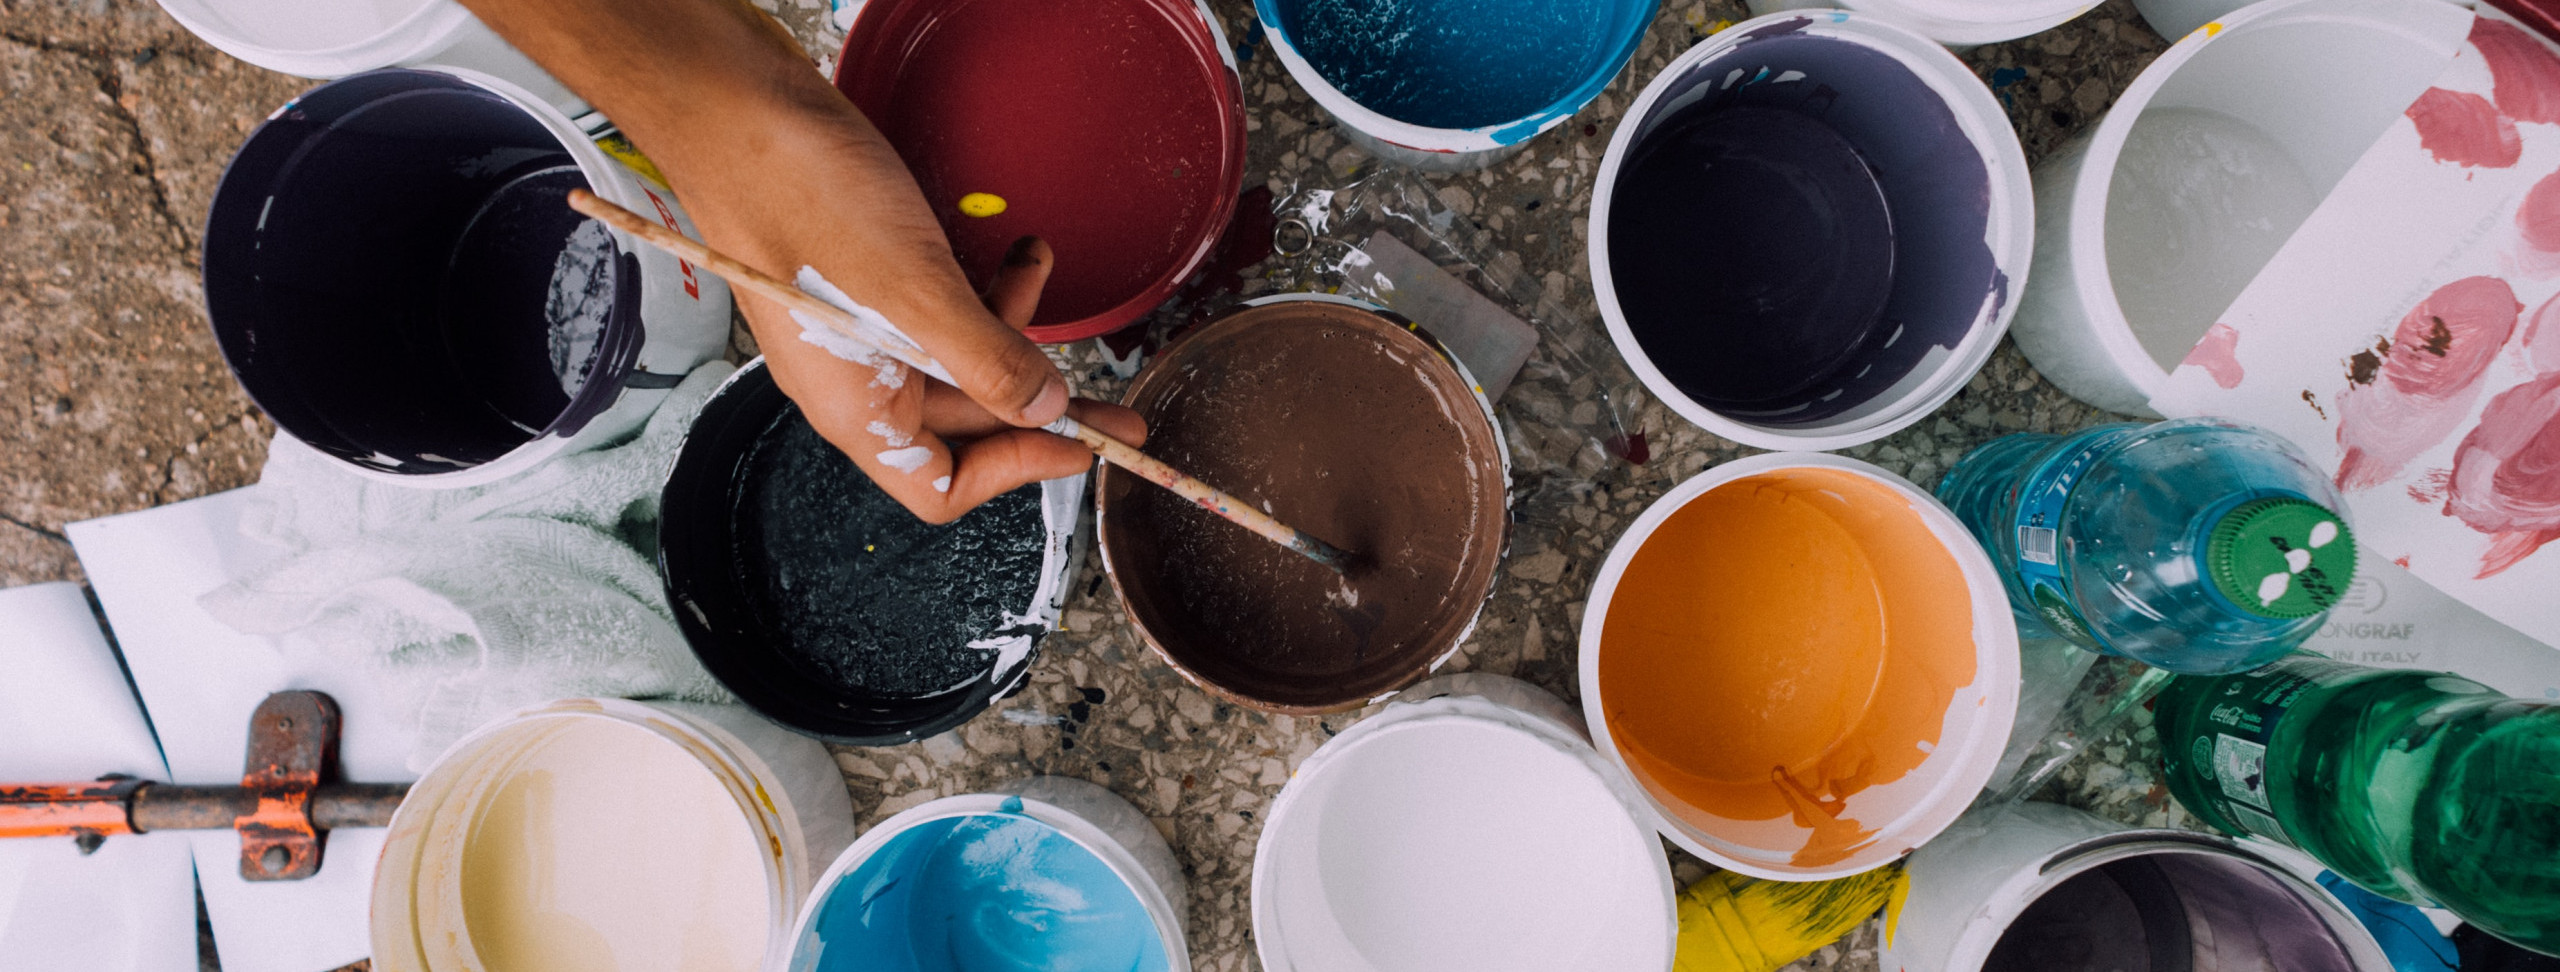 cores-diferentes-tinta-acrilica-esmalte-parede-pintura-pintar-superficie